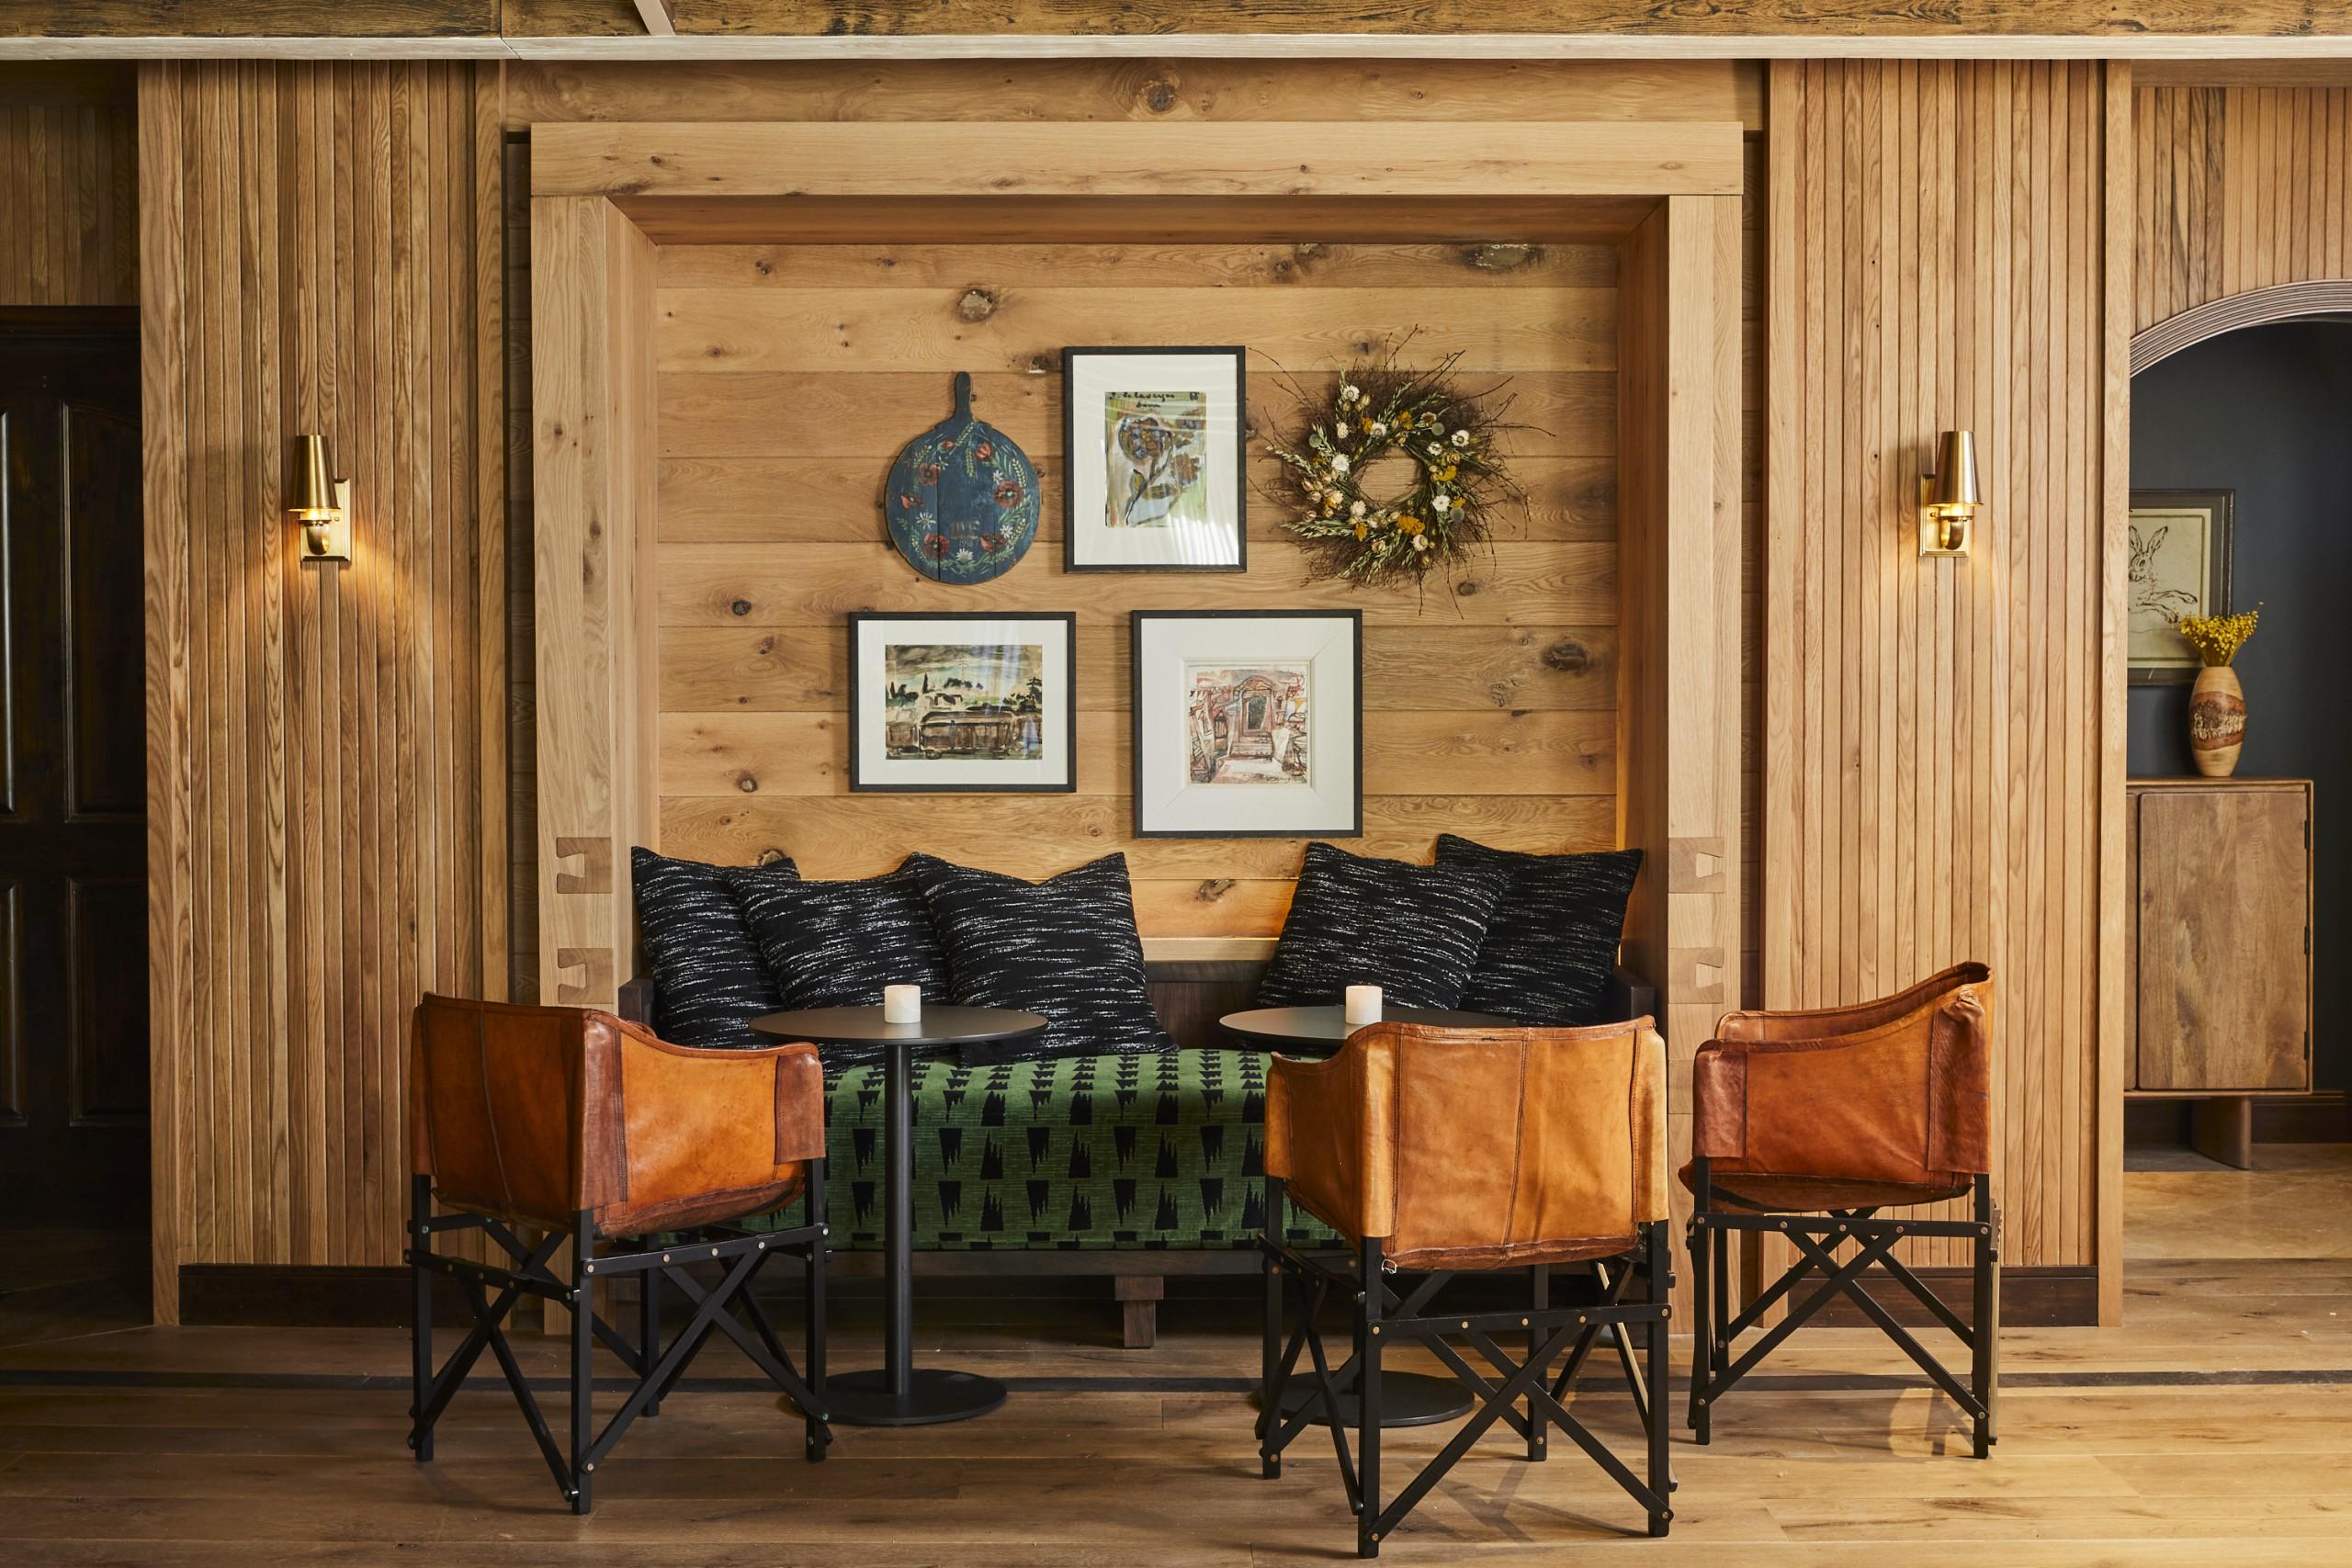 Mdl Dine Timber Room Nook Detail 2021 002